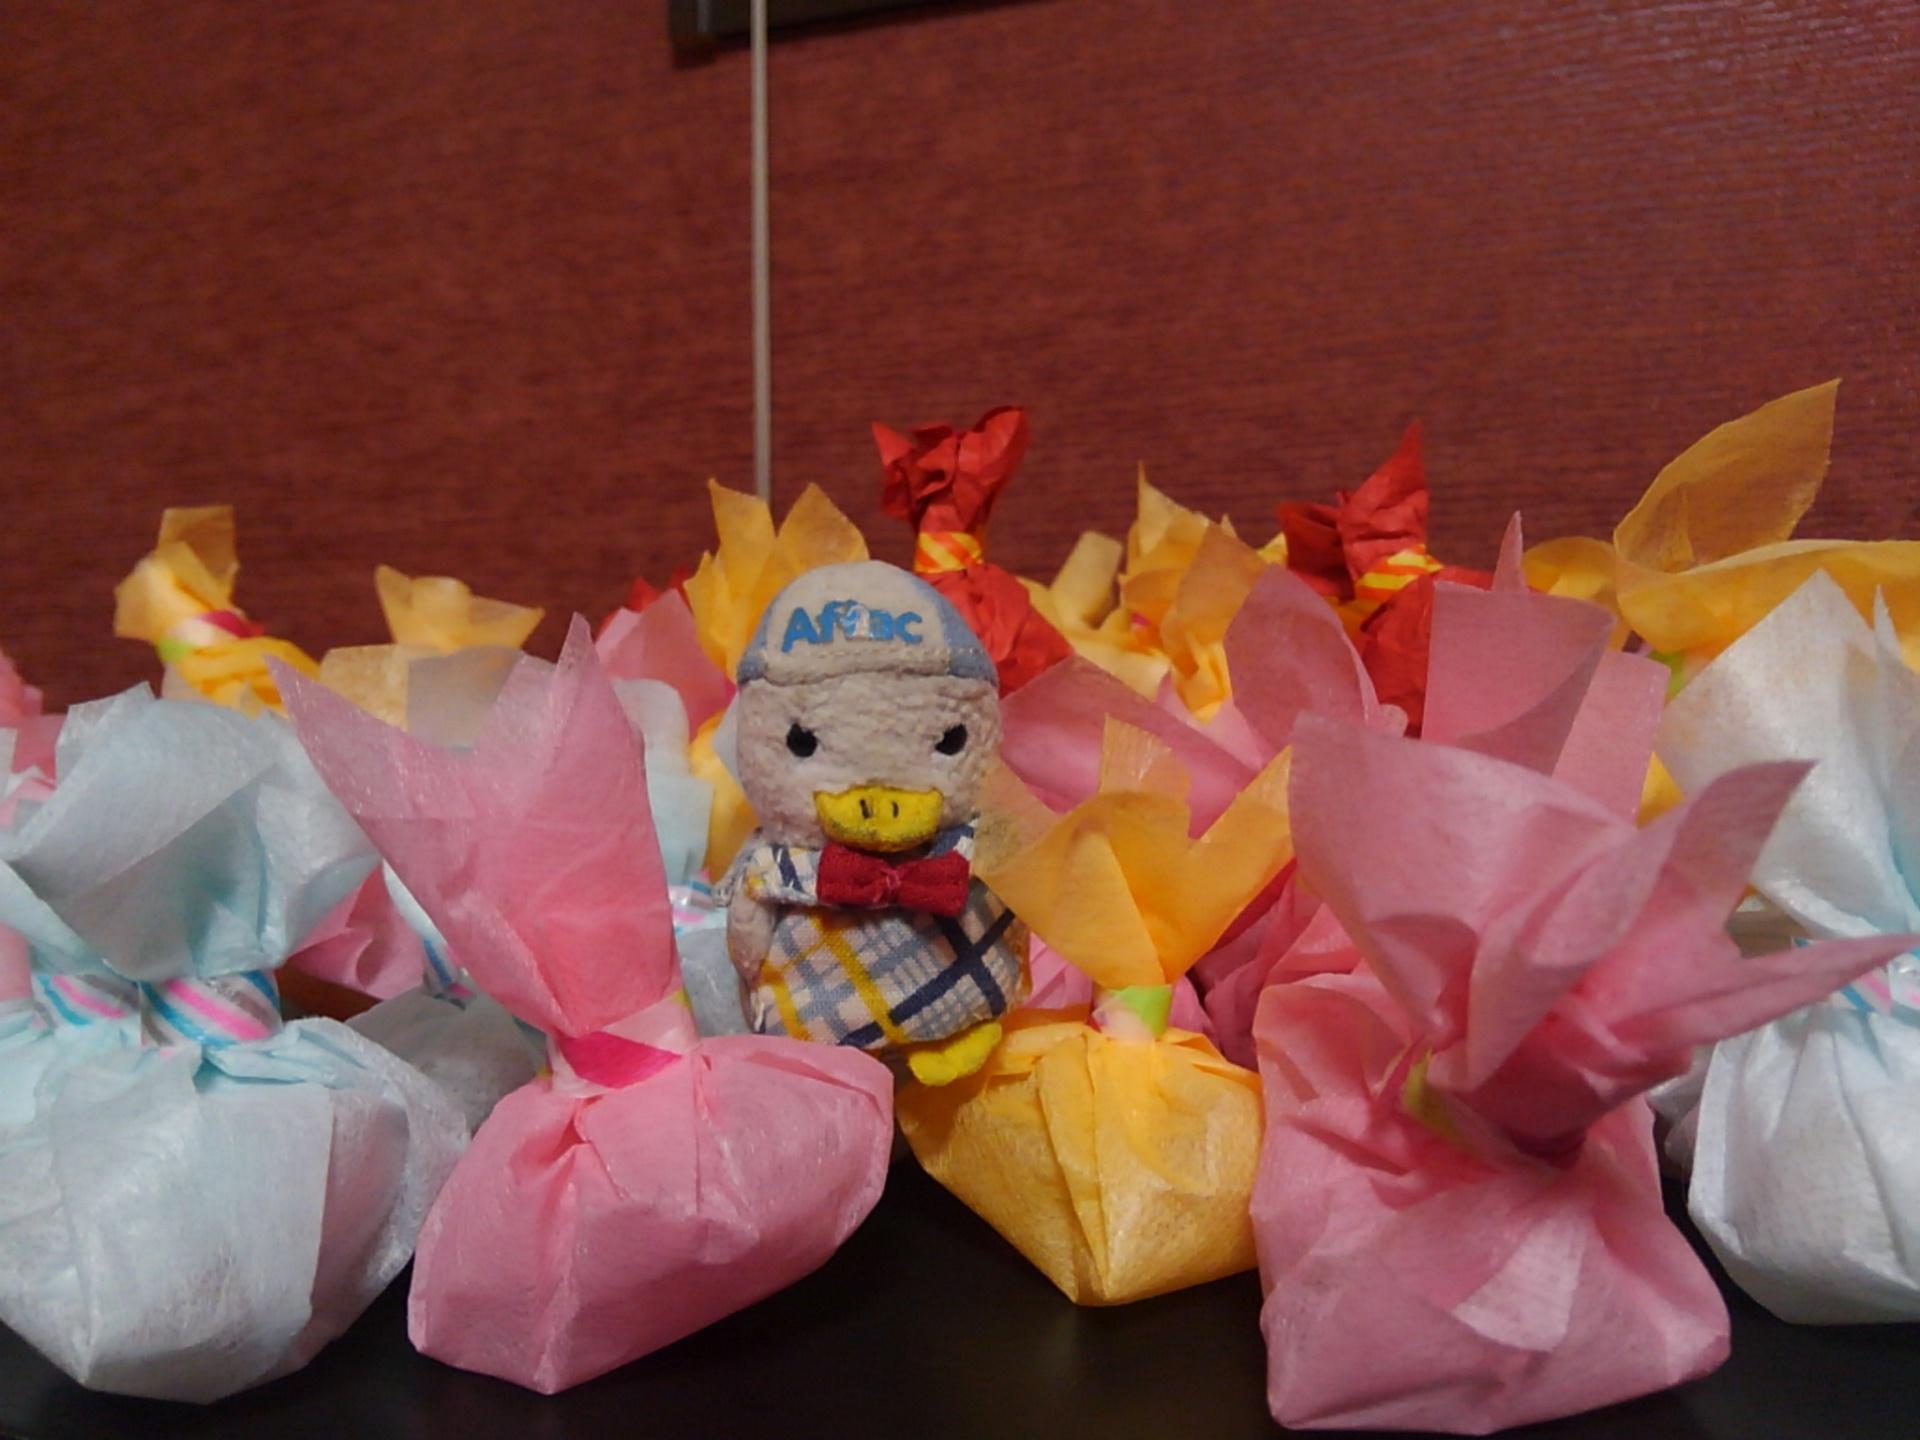 大阪から仕込んでいったお菓子の包み。不器用な響喜メンバーの精一杯の力作。